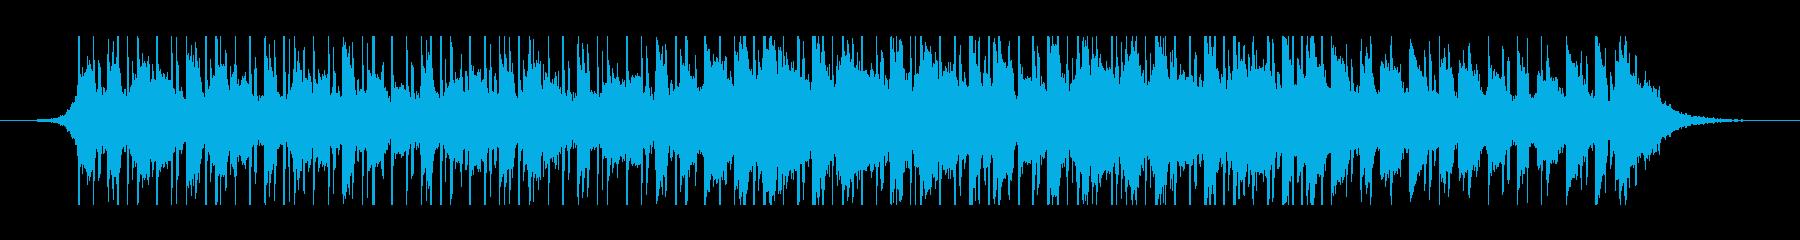 中東のラマダン(60秒)の再生済みの波形